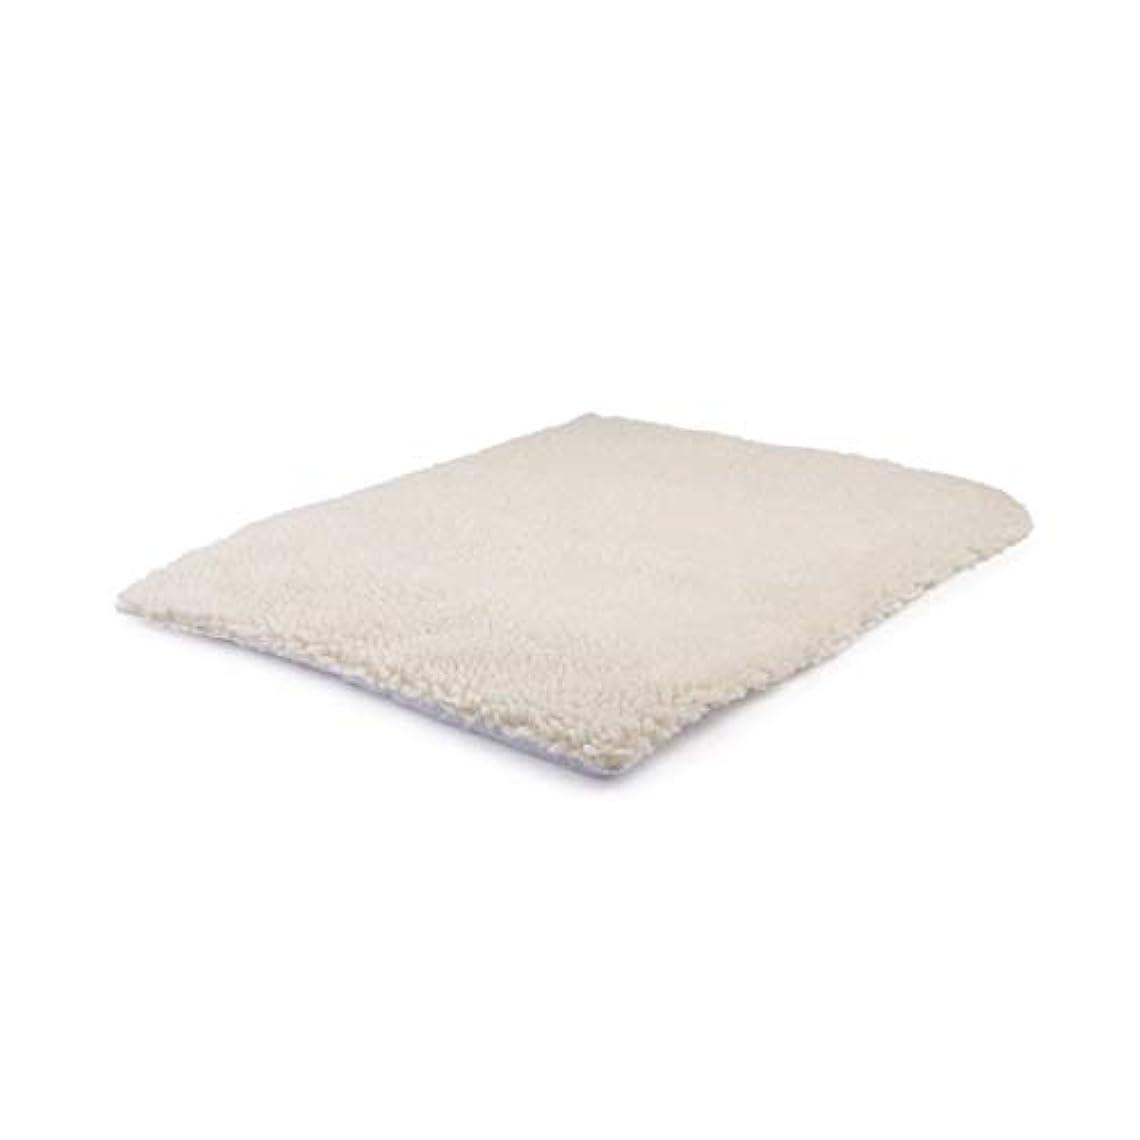 夢中実験をする親Saikogoods 自己発熱ペット毛布 ペットベッド ウォッシャブル ノーエレクトリック スーパーソフト 子犬子猫毛布 ベッドマット ベージュ 640×460mm